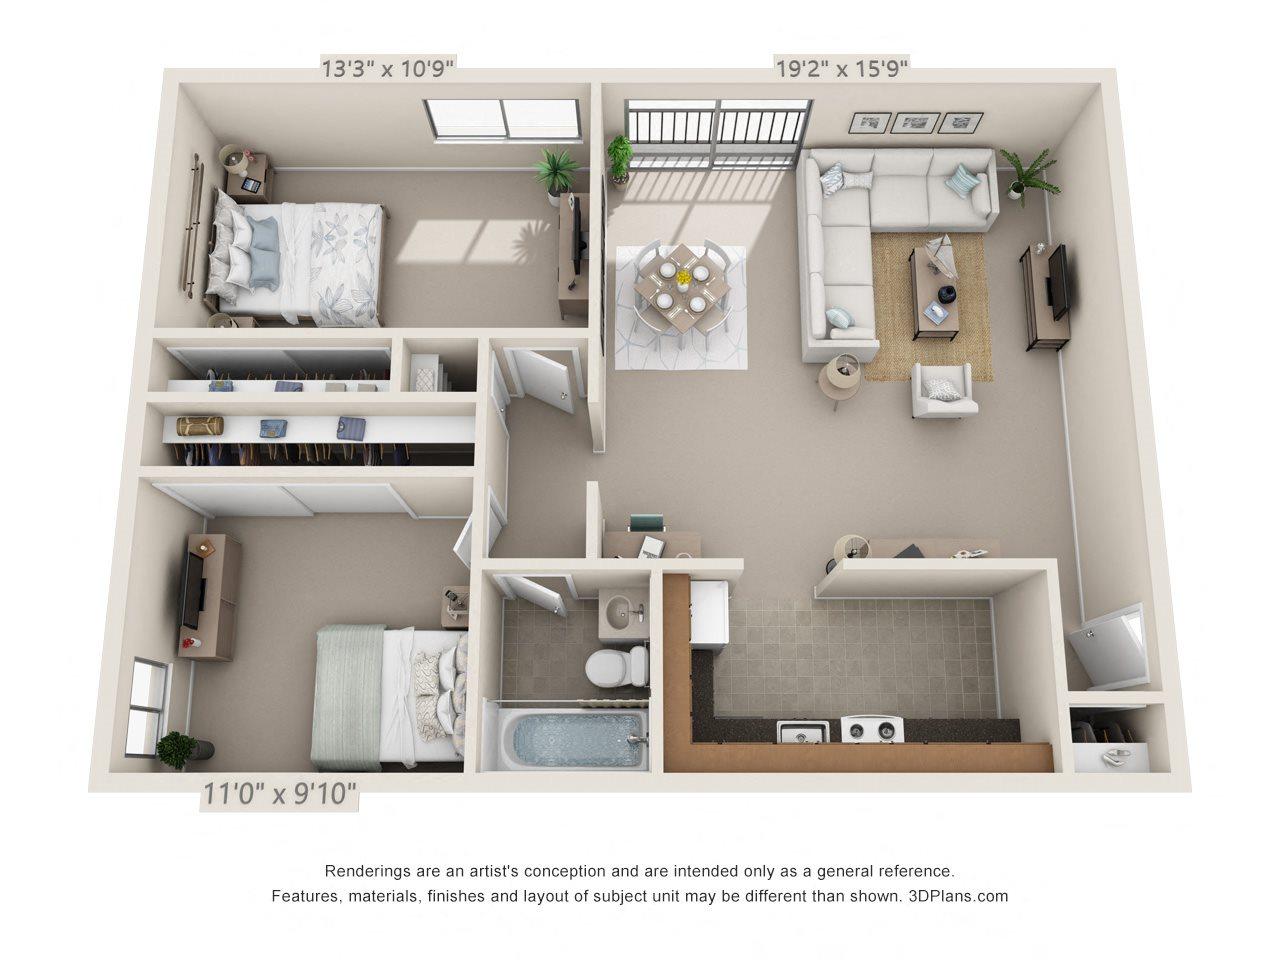 2 Bedroom, 1 Bath (Lower) Floor Plan 3